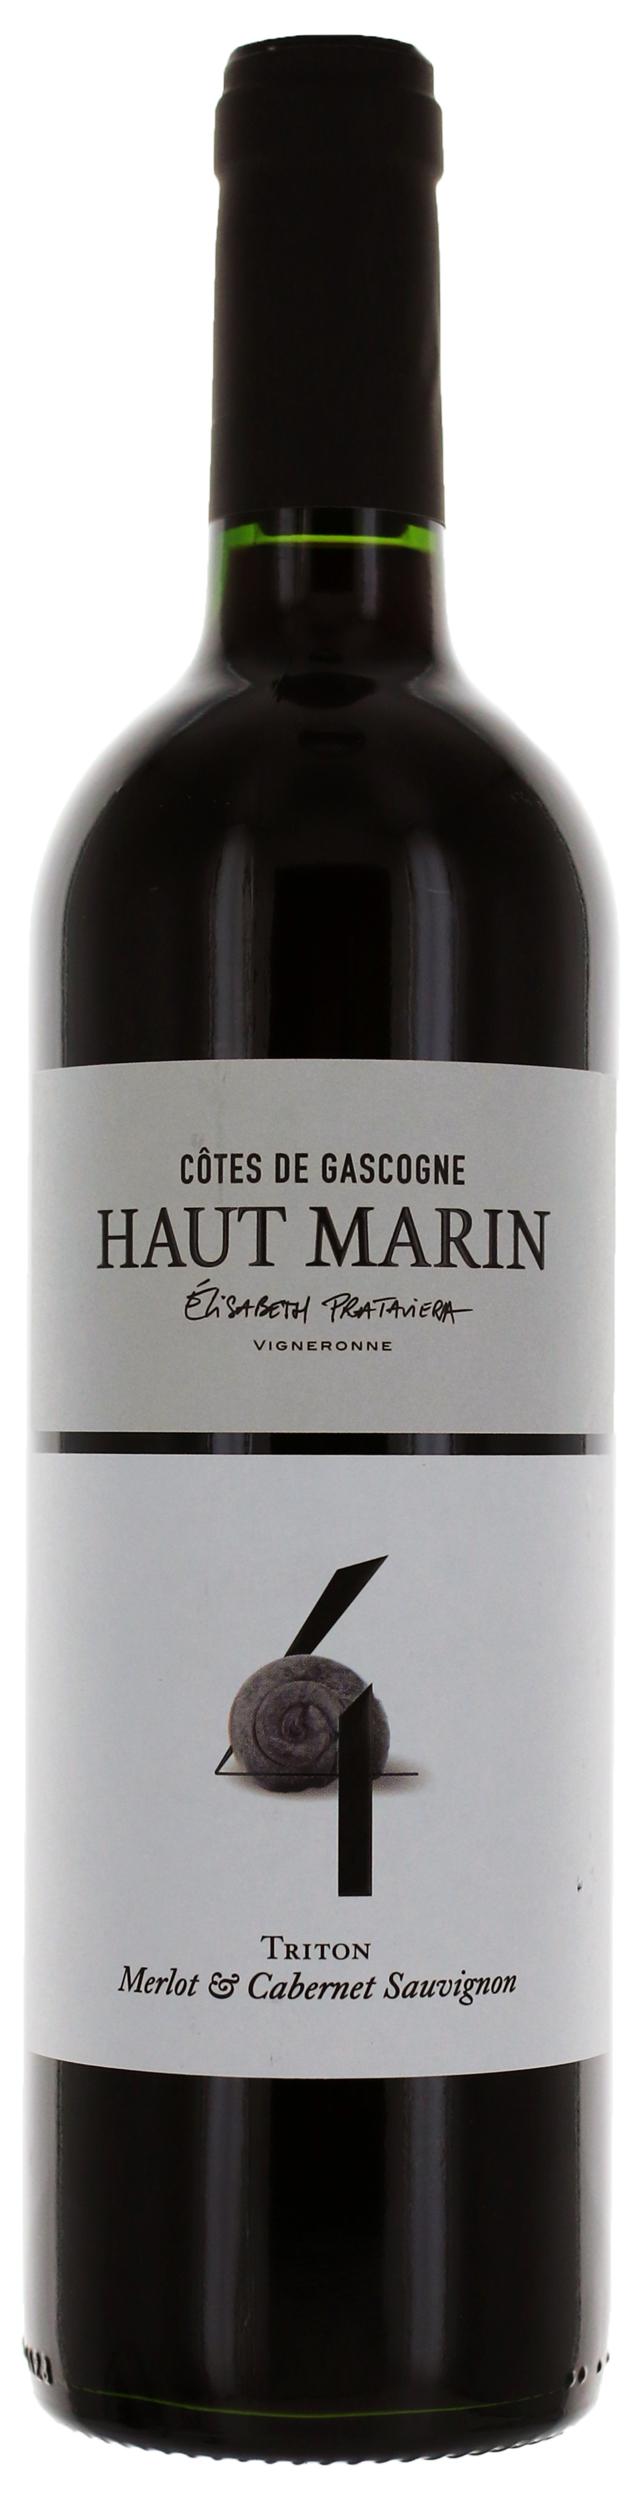 Côtes de Gasgogne - Triton N°4 - Domaine Haut-Marin - 2019